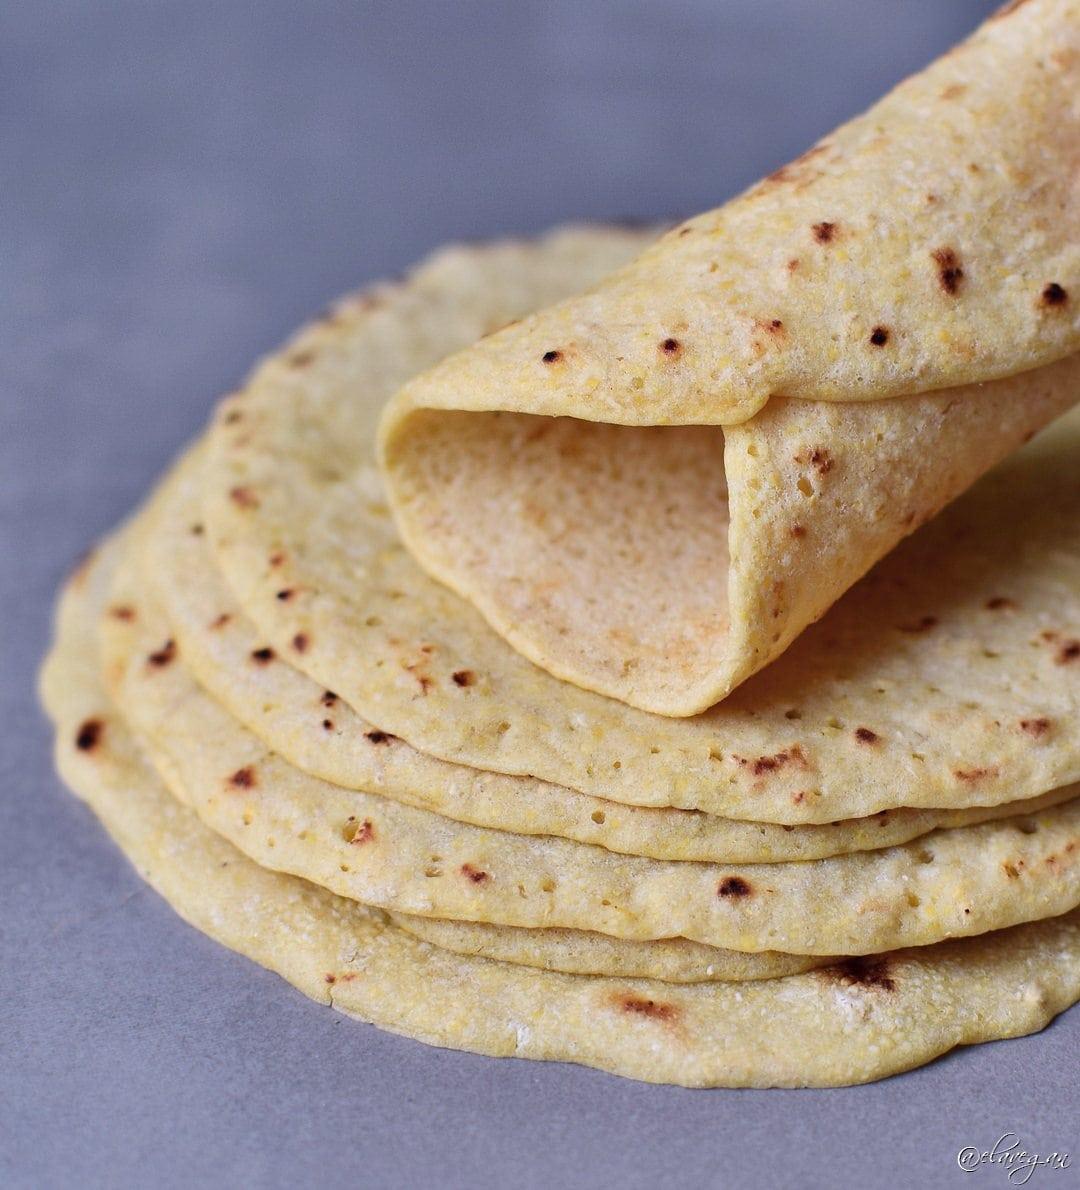 Glutenfreie selbstgemachte Tortillas als Stapel